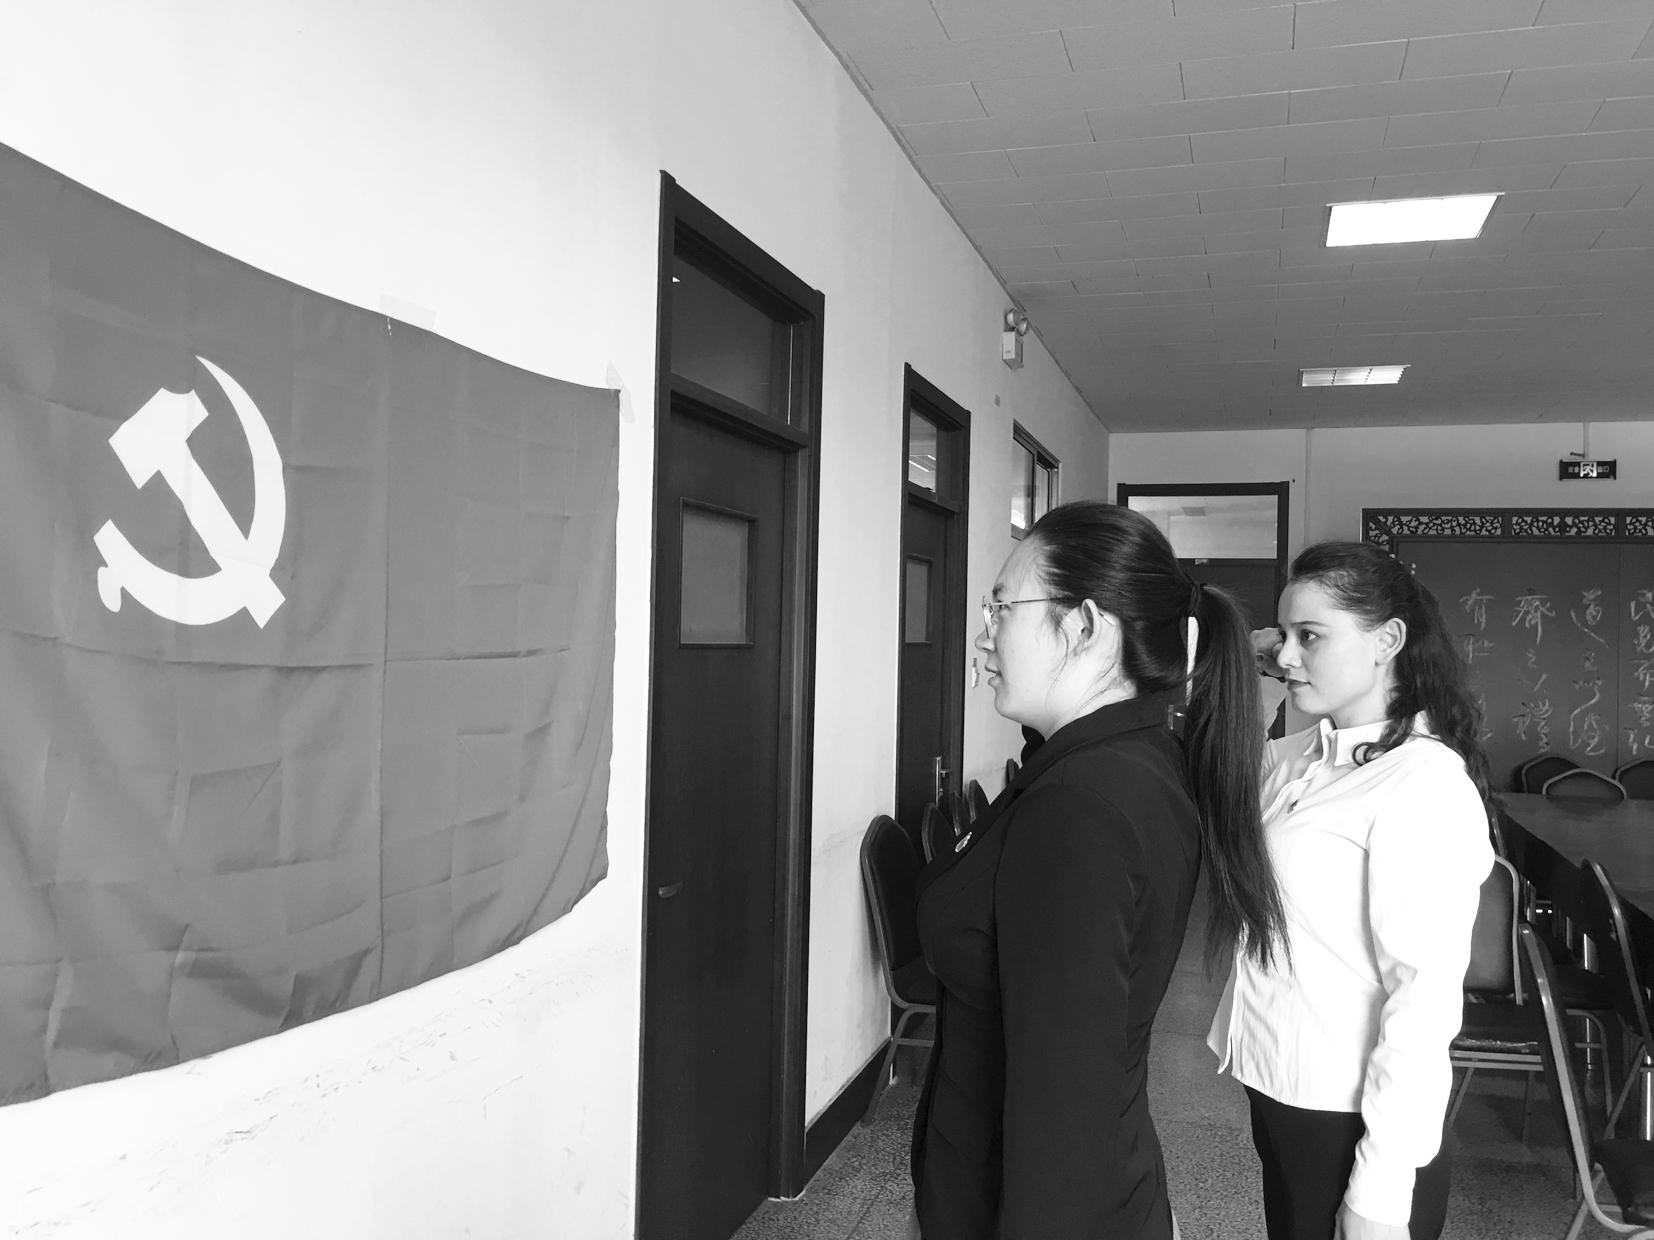 阿娜尔古丽・阿布力米提入党啦党委学生工作部、学生工作处 孙丽华 刘思锋